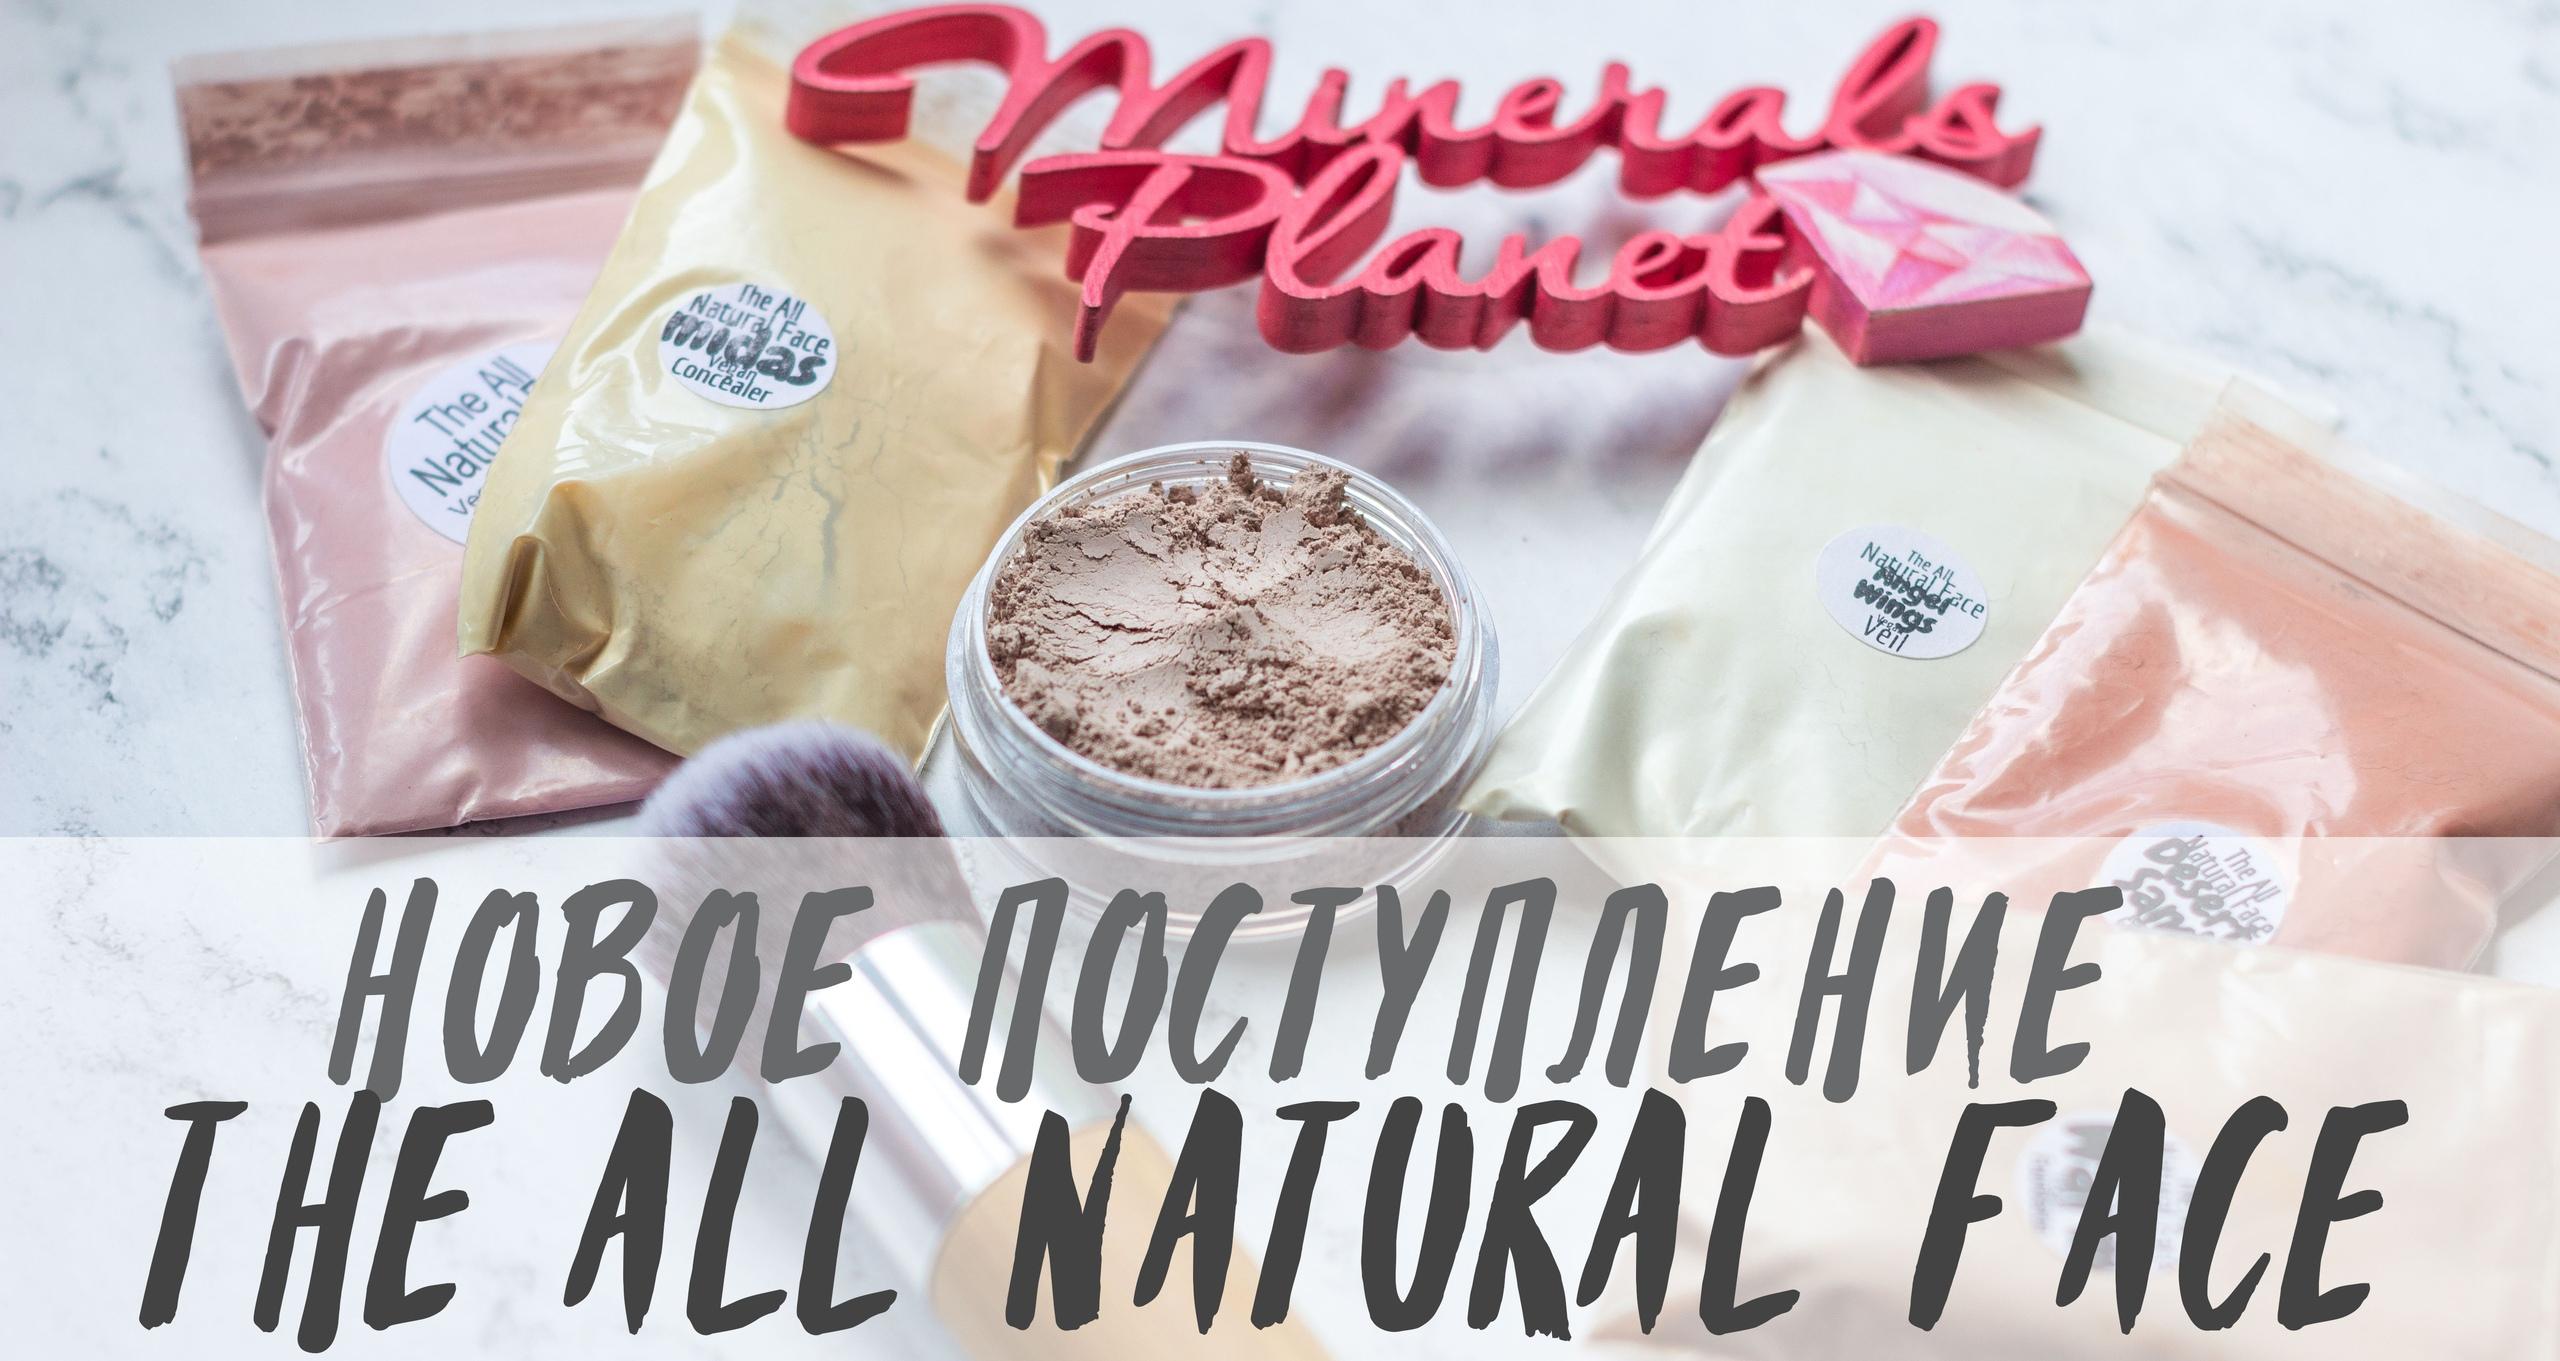 Новое поступление The All Natural Face минеральная косметика